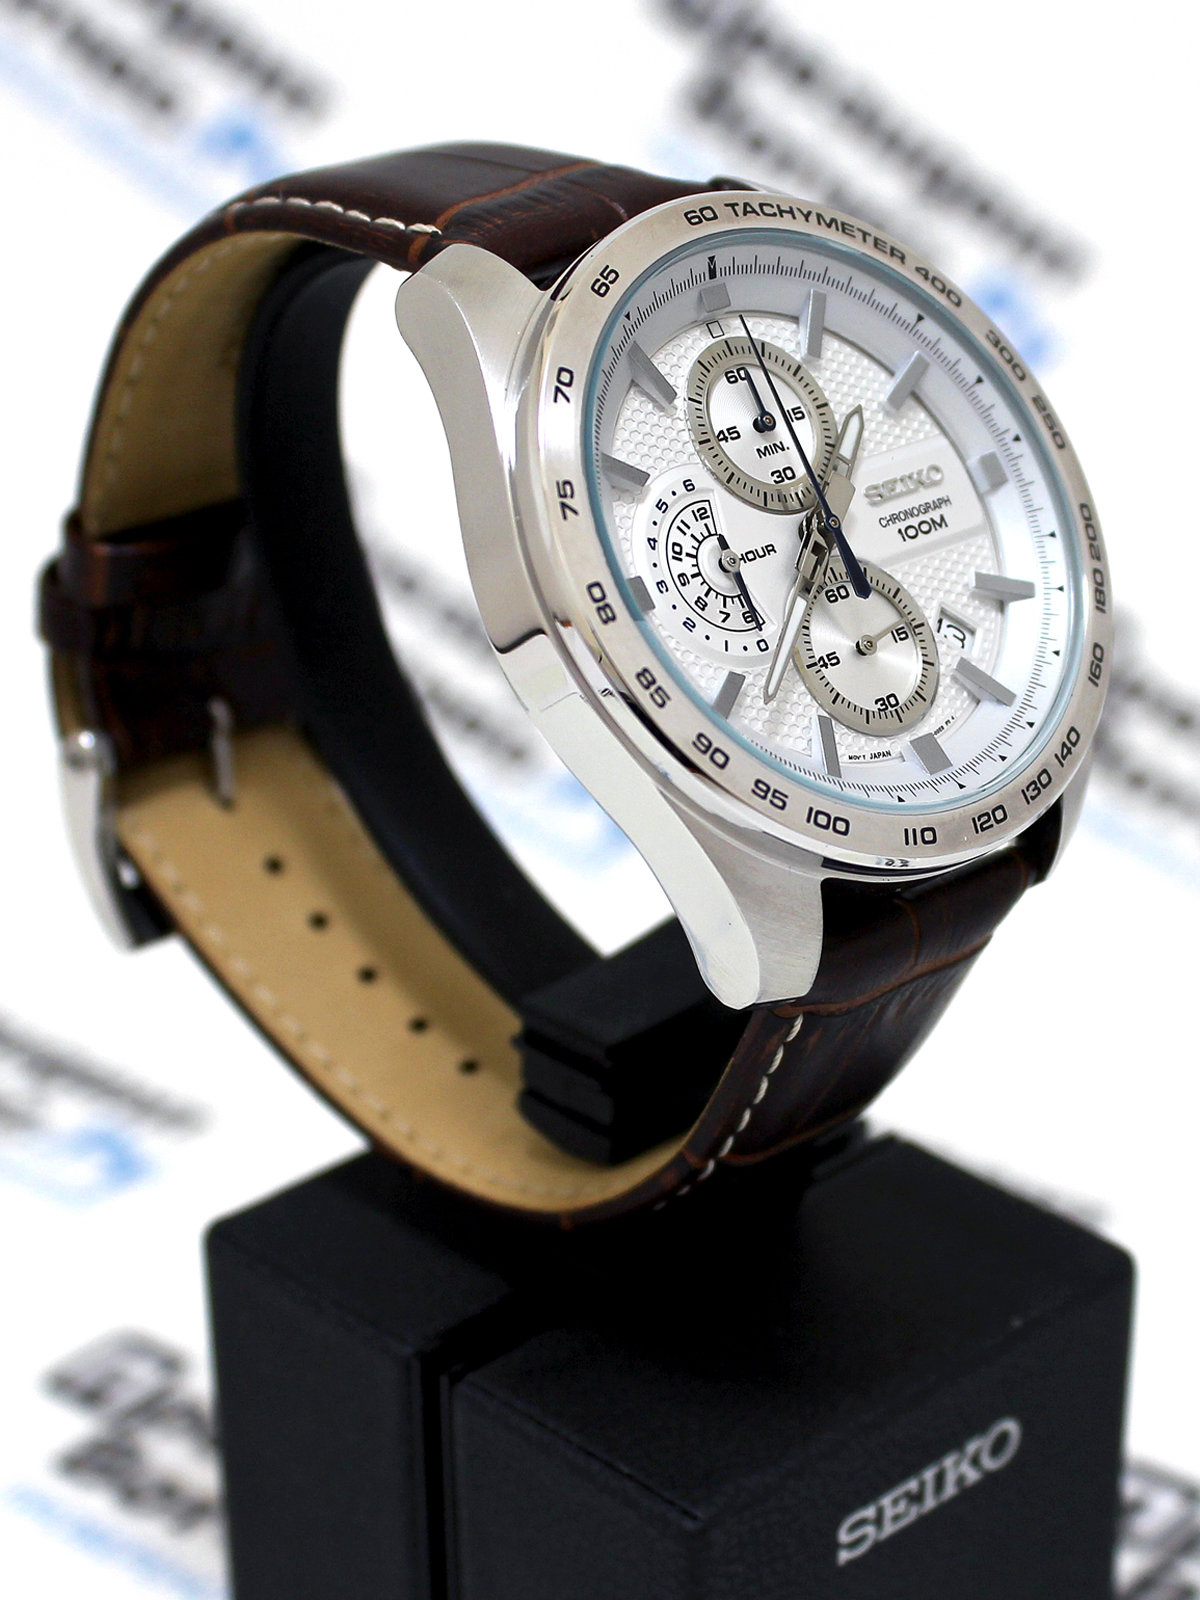 Эти часы подойдут не только деловому стилю или повседневной жизни, с ними можно заниматься спортом, нырять или покорять горные вершины.